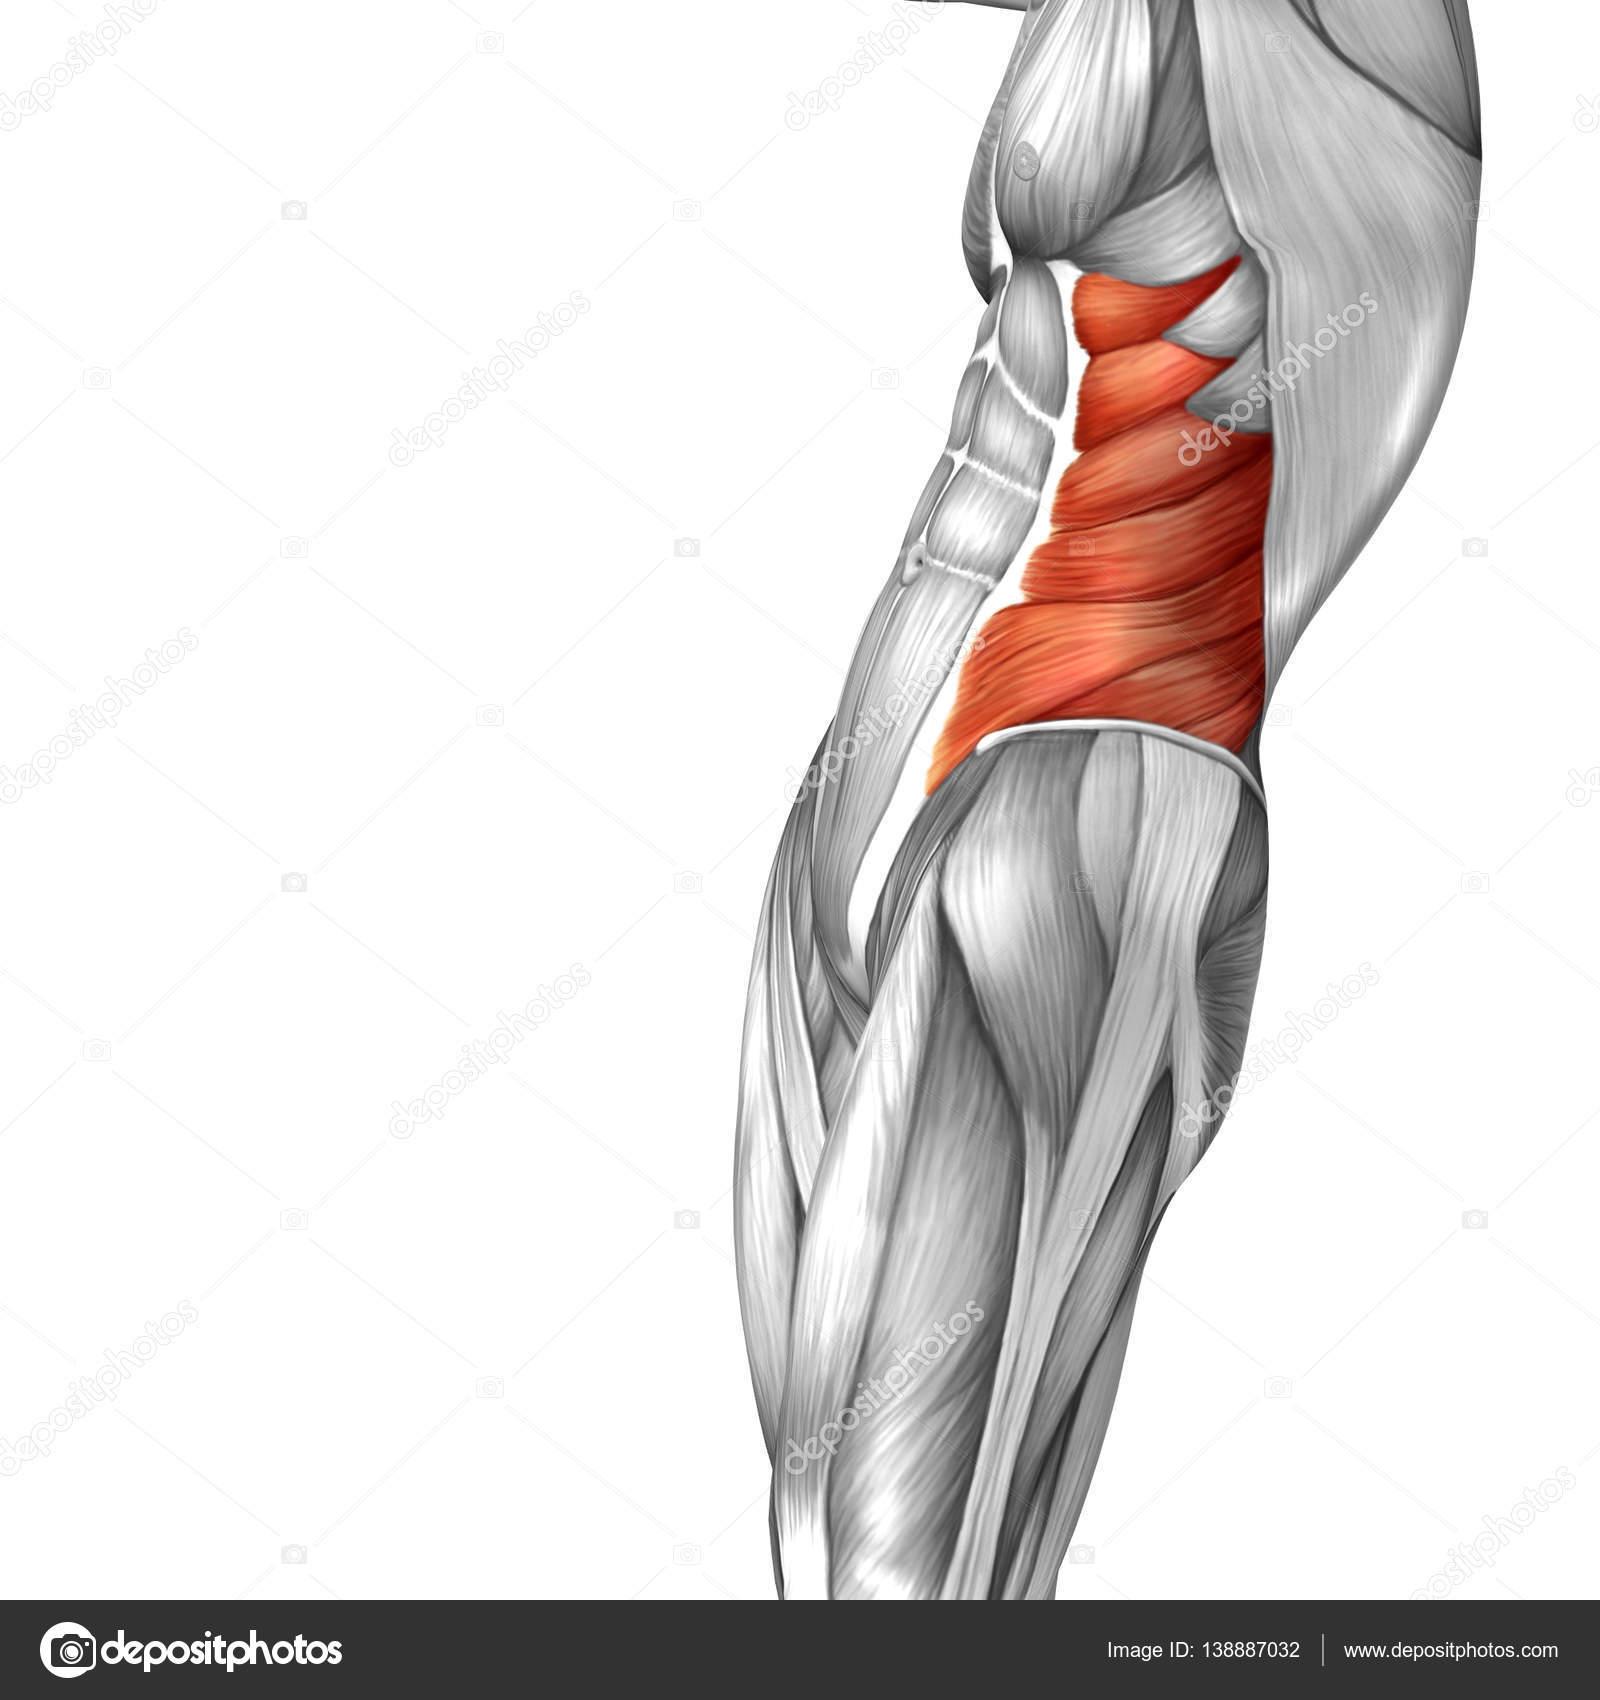 Abbildung der menschlichen Anatomie — Stockfoto © design36 #138887032